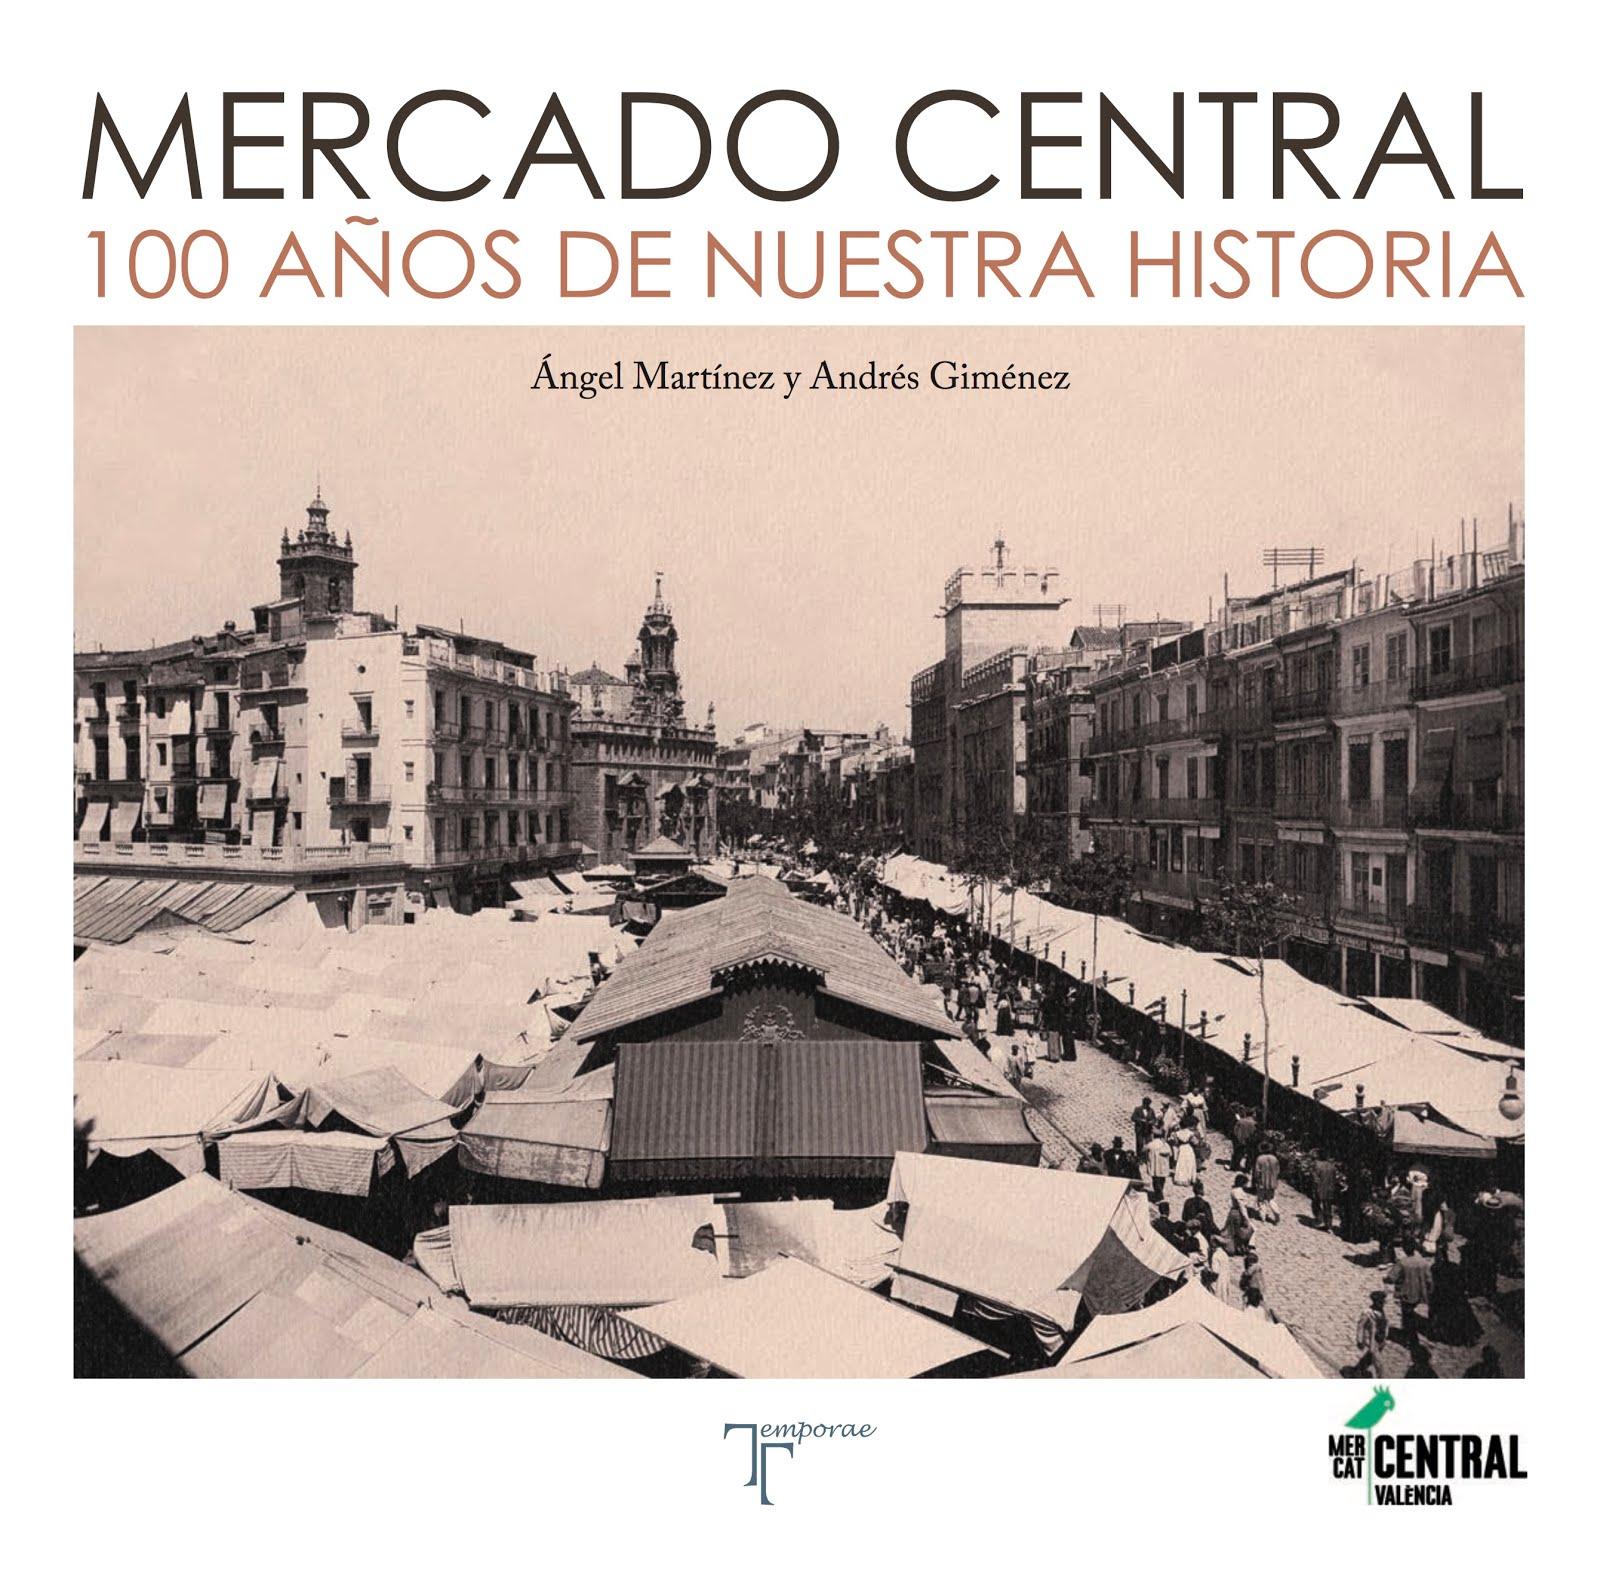 MERCADO CENTRAL 100 AÑOS DE NUESTRA HISTORIA